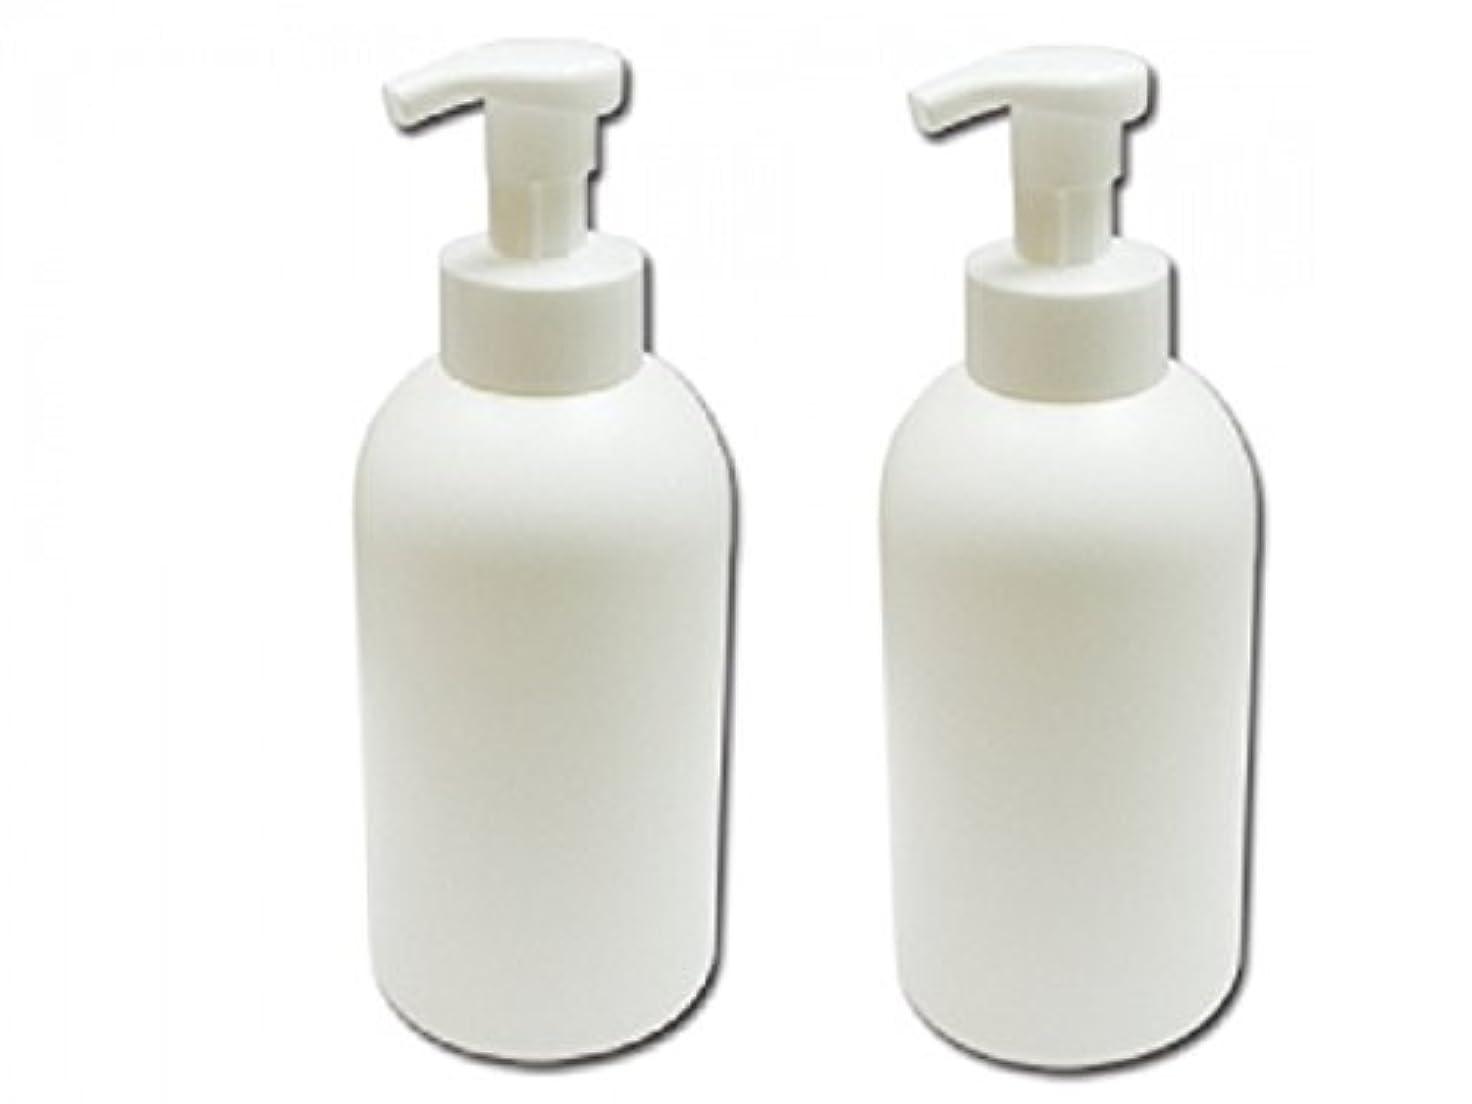 無一文ルーダース泡立てポンプボトル800ml 泡で出てくる詰め替え容器泡立ちソープディスペンサー 液体石鹸、シャンプーボディーソープの詰め替えに 泡フォームポンプ容器 液体せっけん等の小分けに[2個セット]